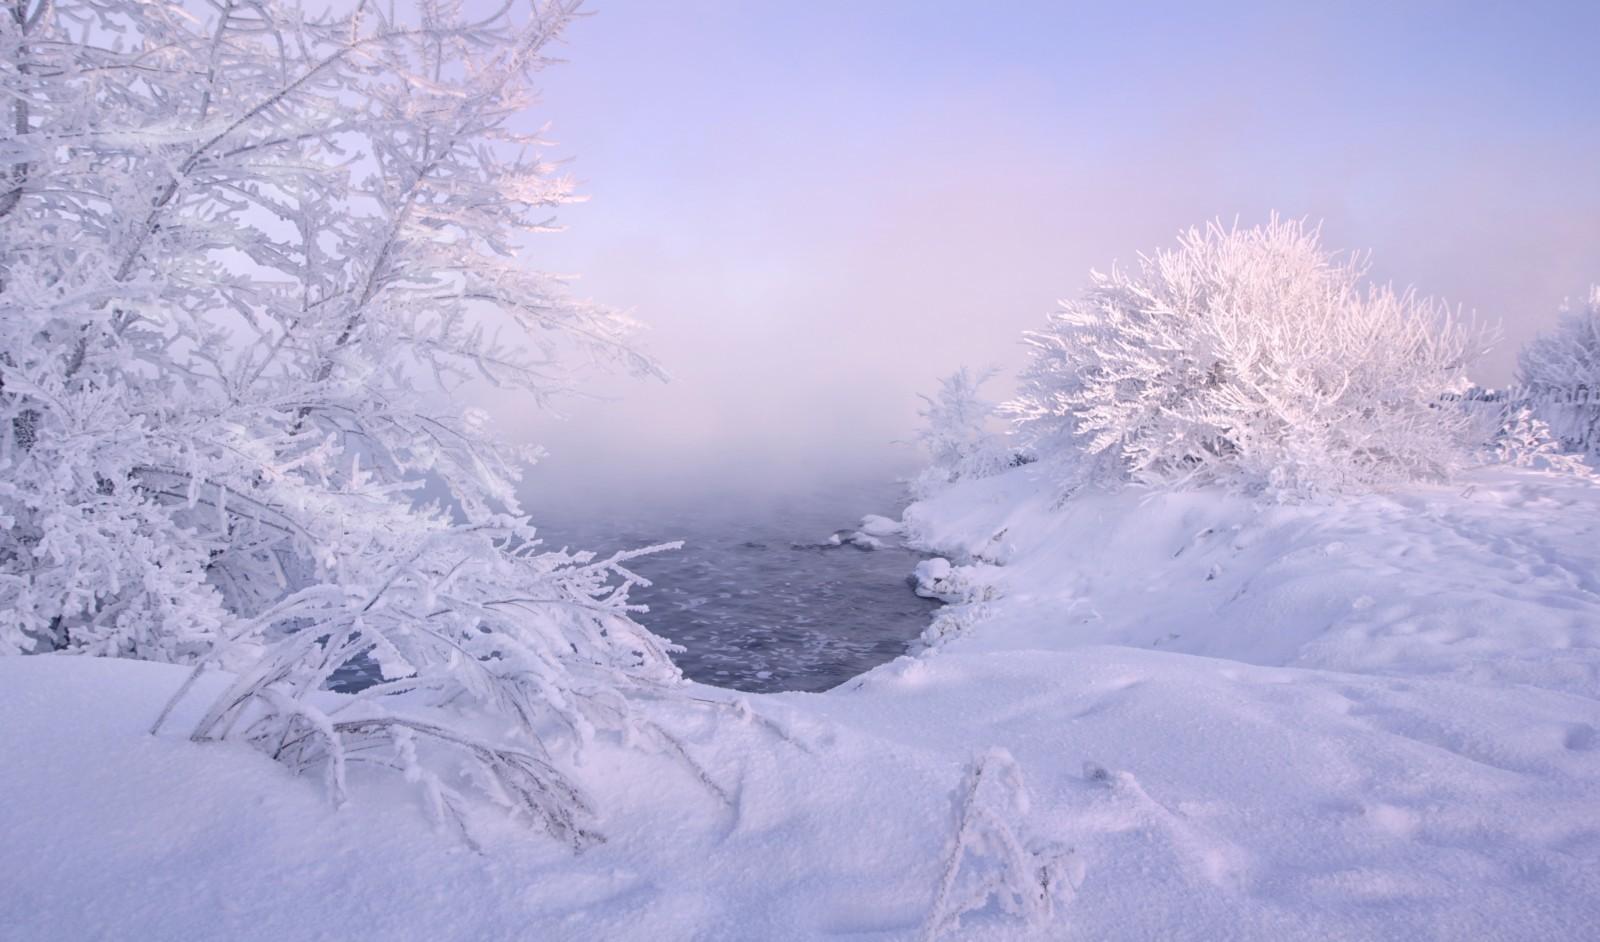 冰雪世界!俄罗斯各地的冬季雪景